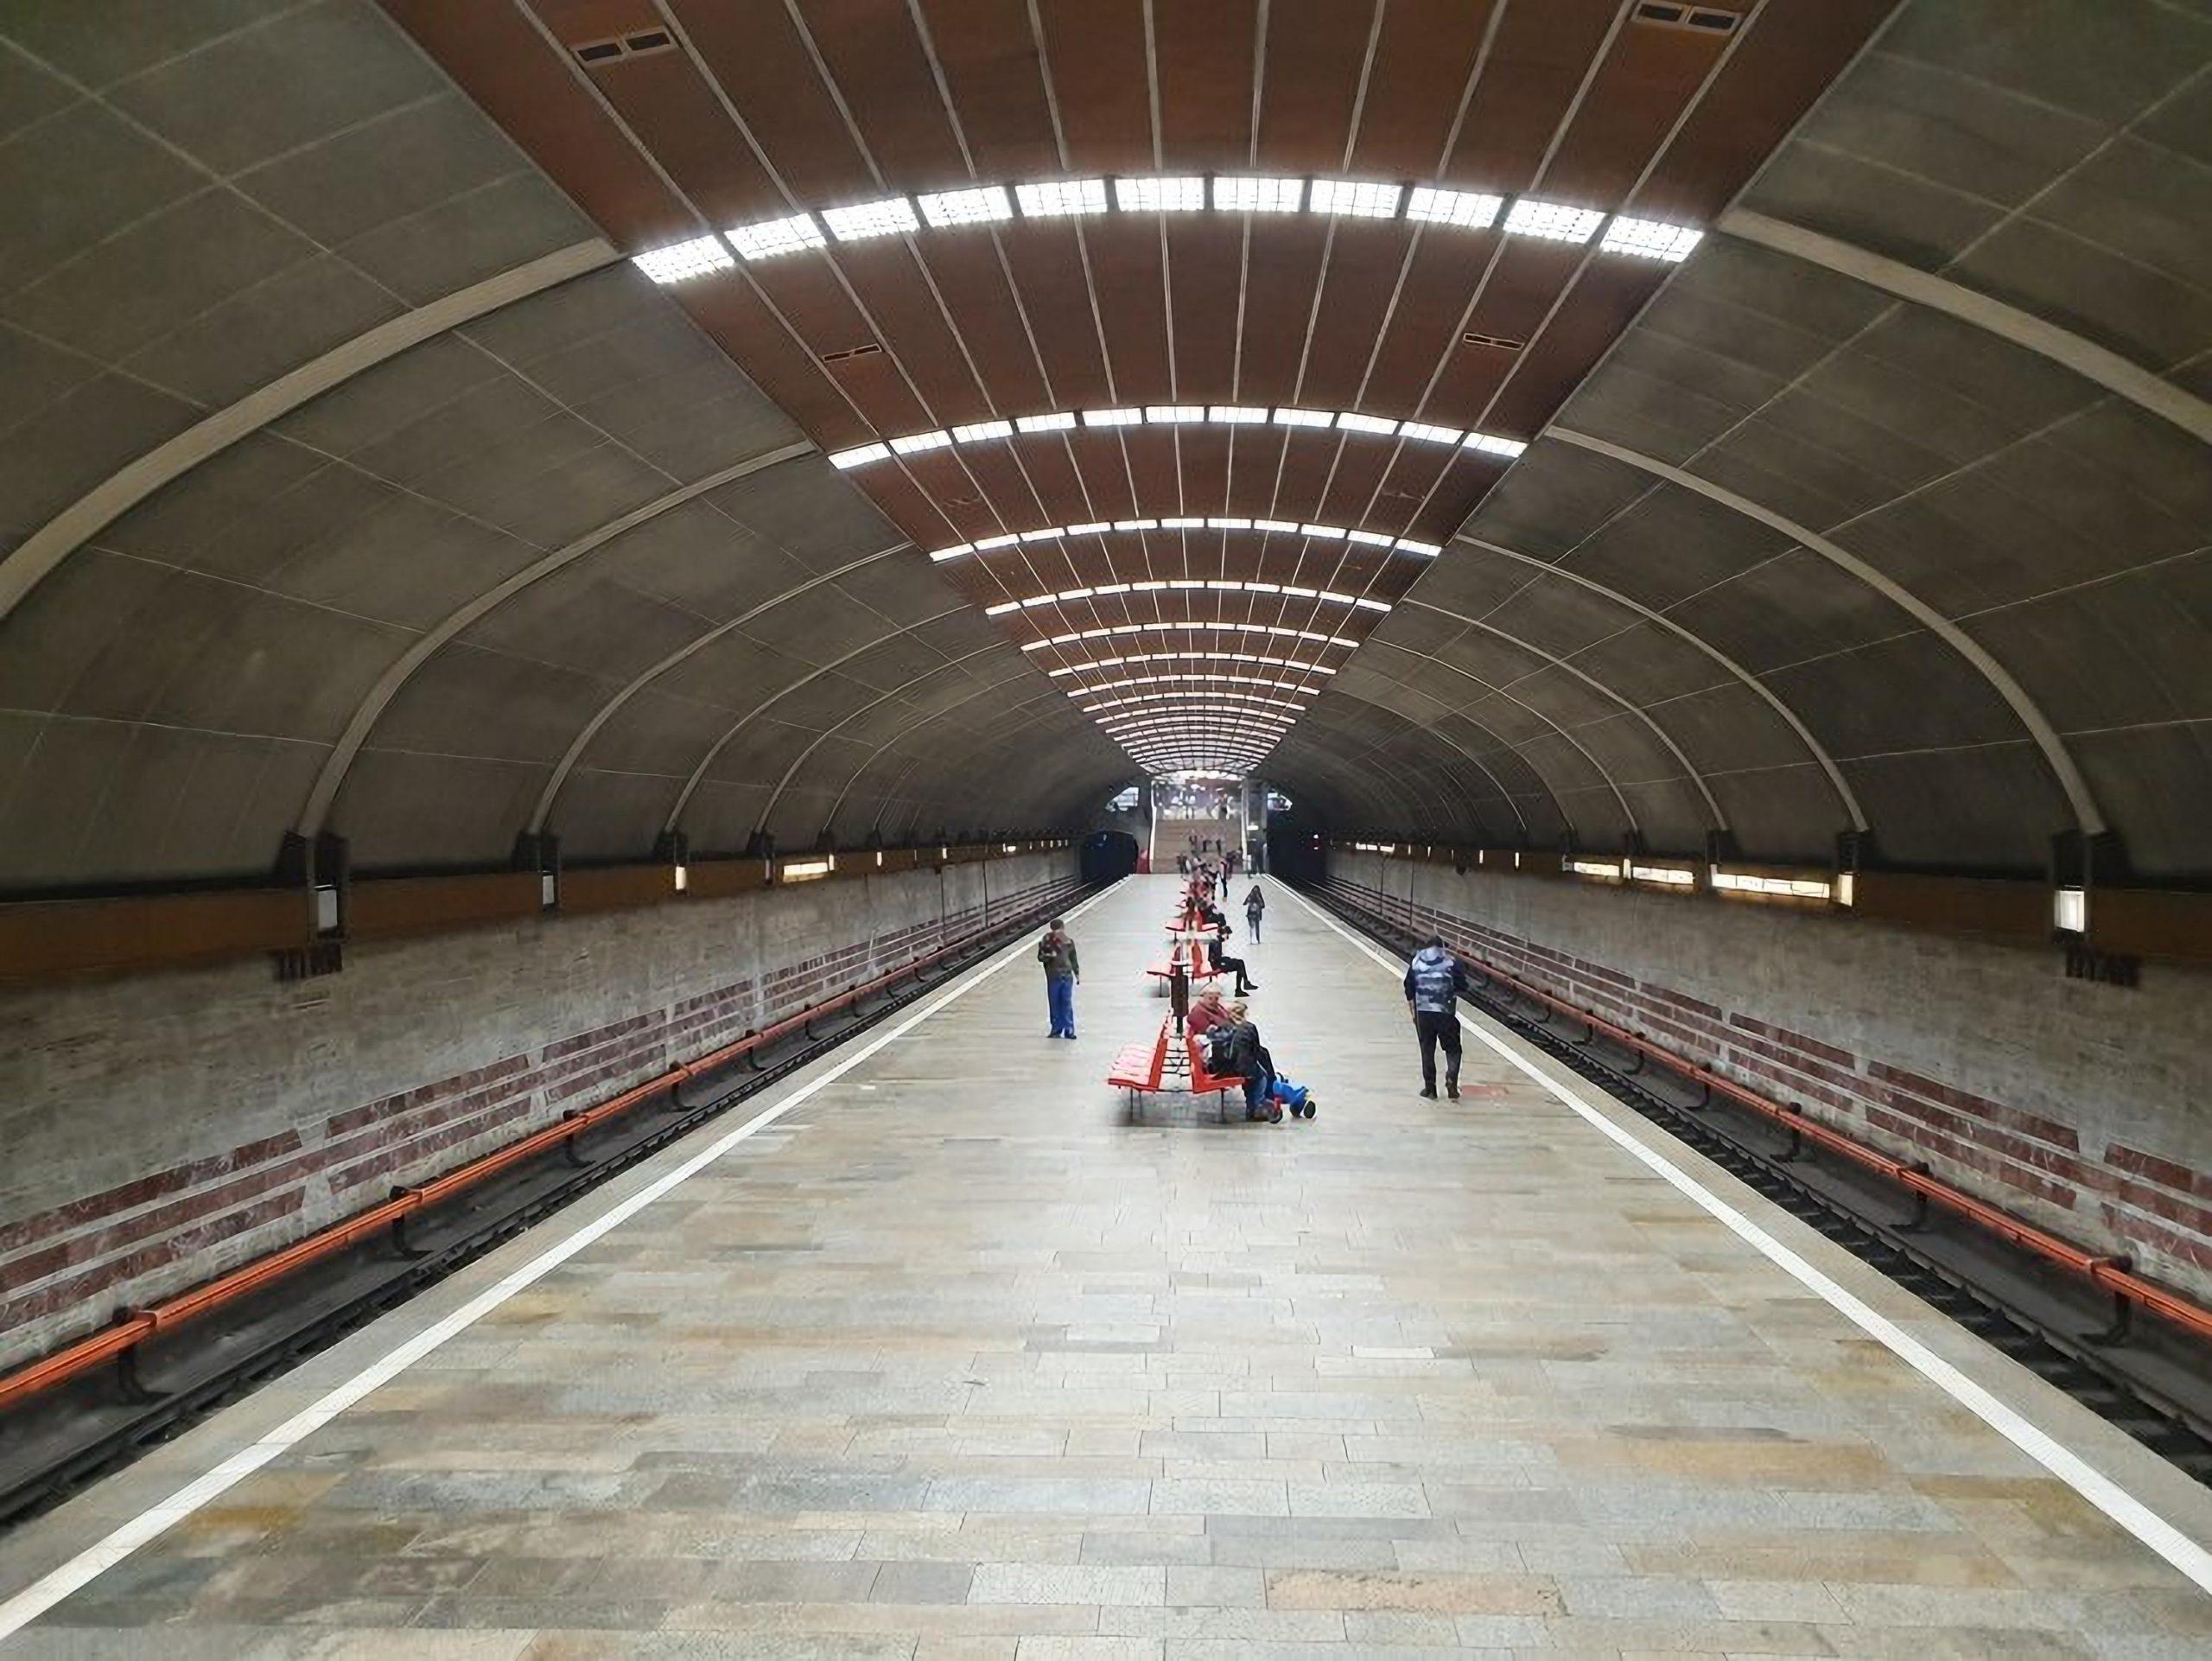 La ce ora se deschide și închide metroul. Programul Metrorex pentru zile lucrătoare, sărbători și weekend